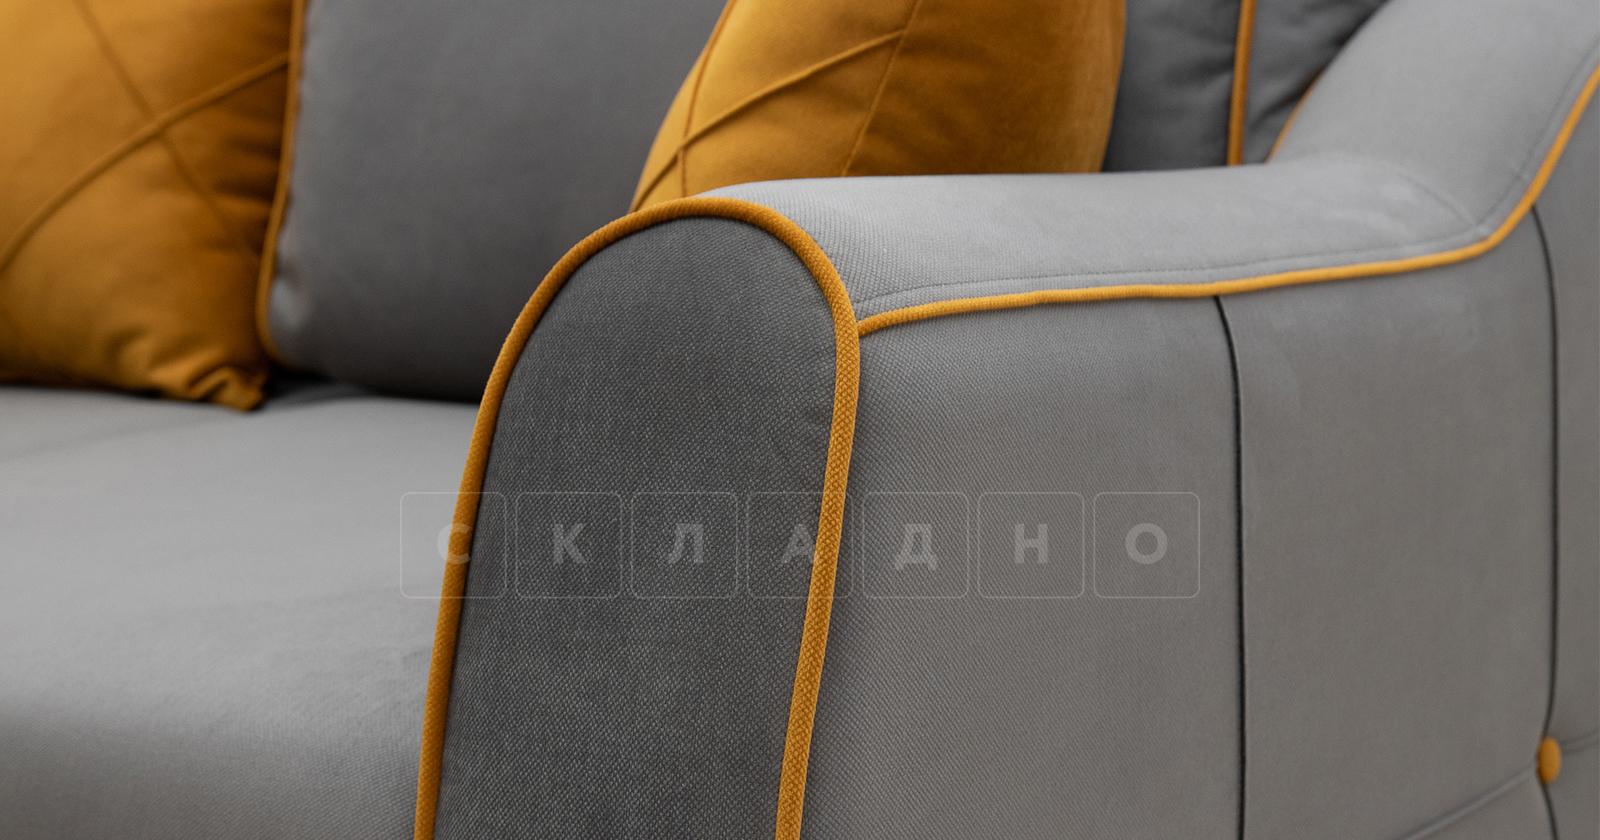 Диван-кровать угловой Флэтфорд кварцевый серый фото 10   интернет-магазин Складно